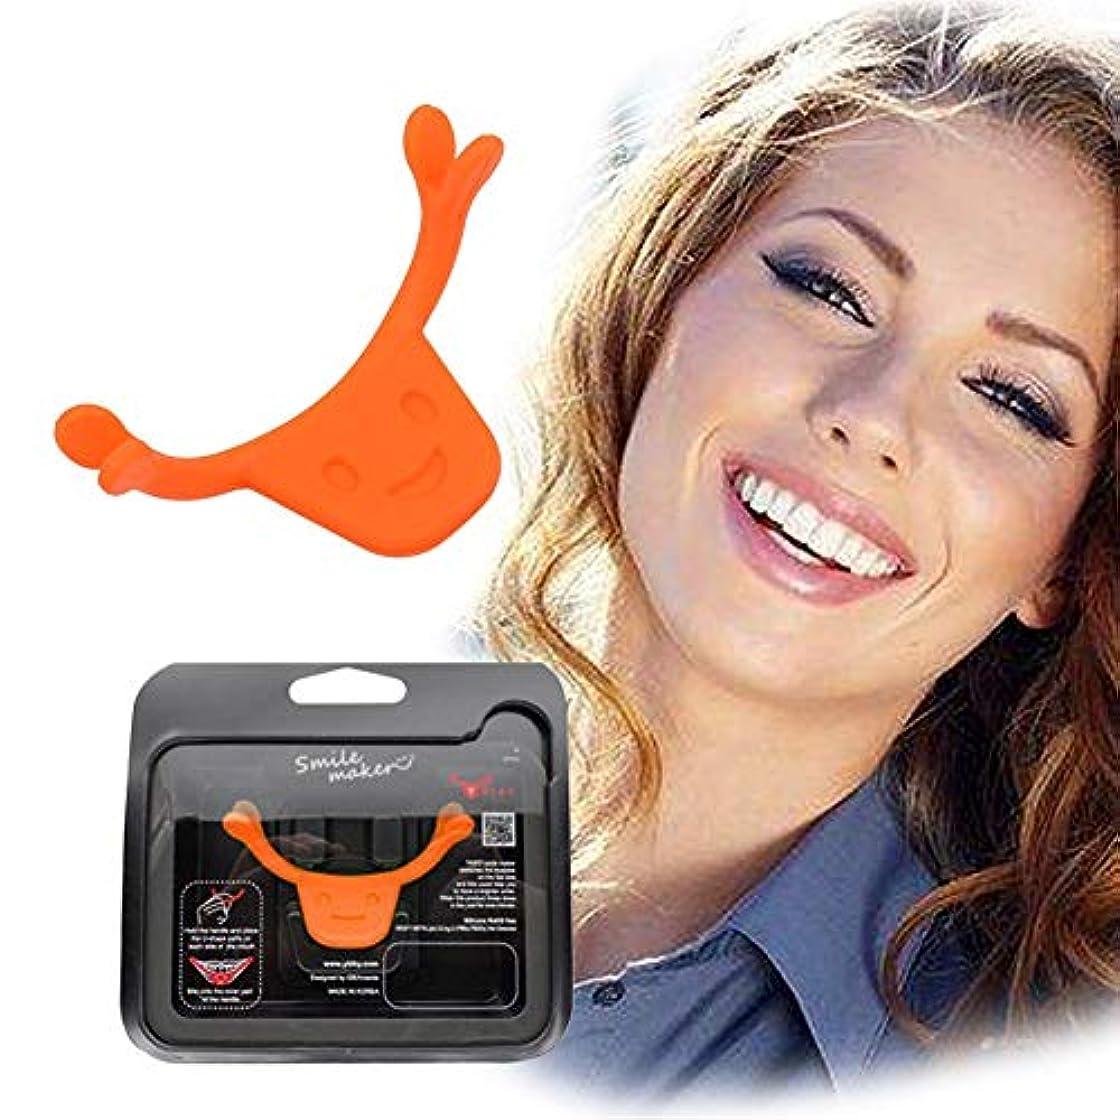 理論的フェードアウトオレンジBasong 小顔矯正 顔痩せグッズ フェイストレーニング 笑顔練習 スマイル矯正 口角上げる 口角アップ リフトアップ オレンジ